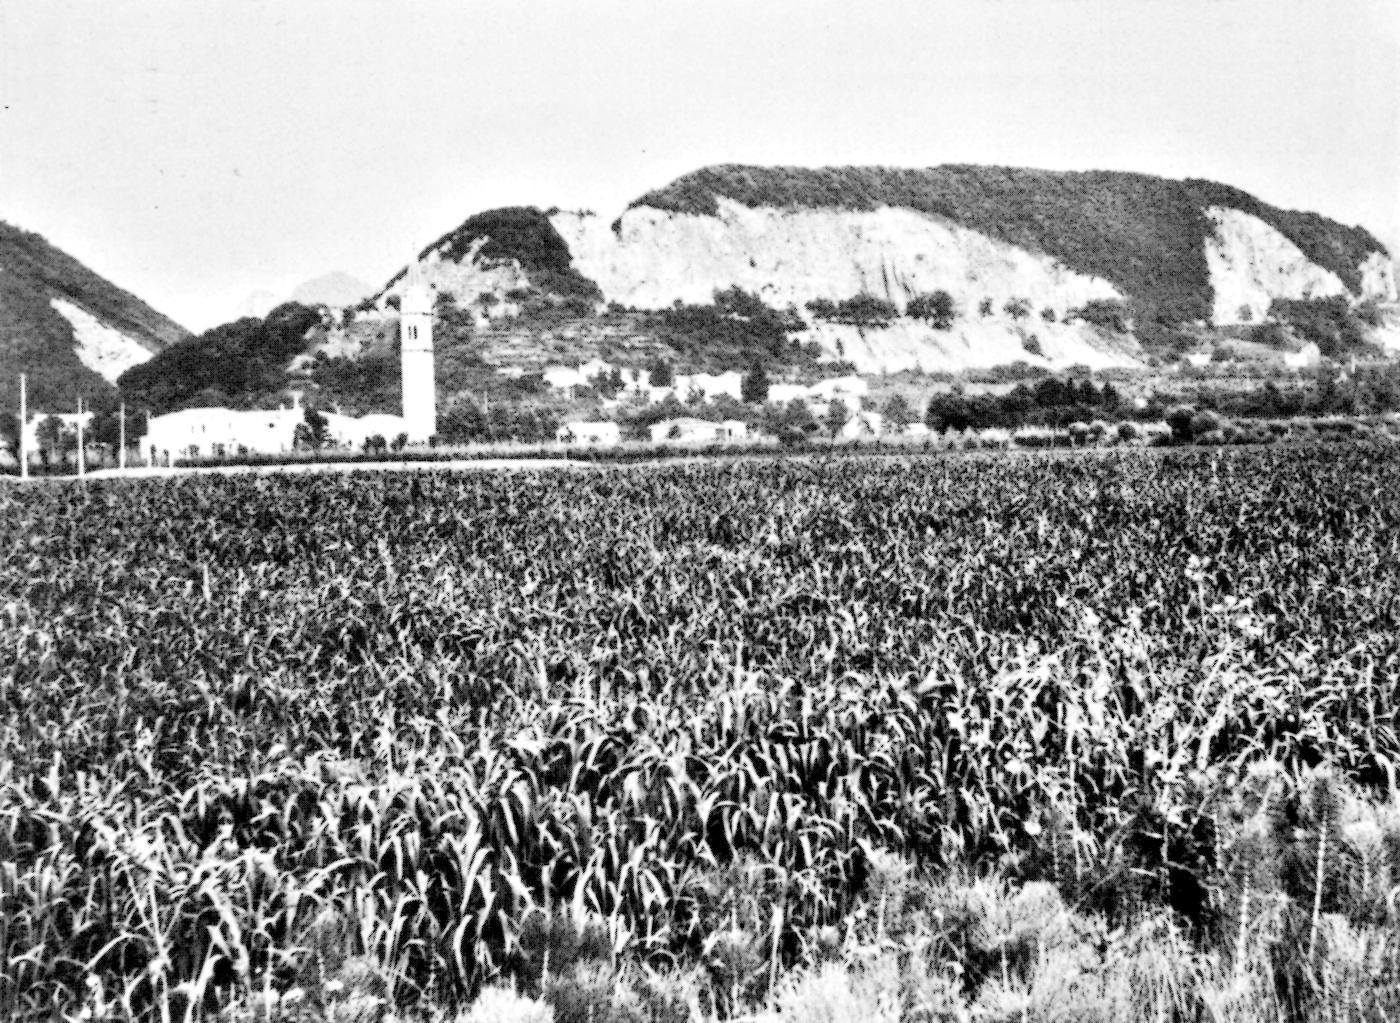 Il monte Rovarola, a Zovon di Vo' Euganeo.